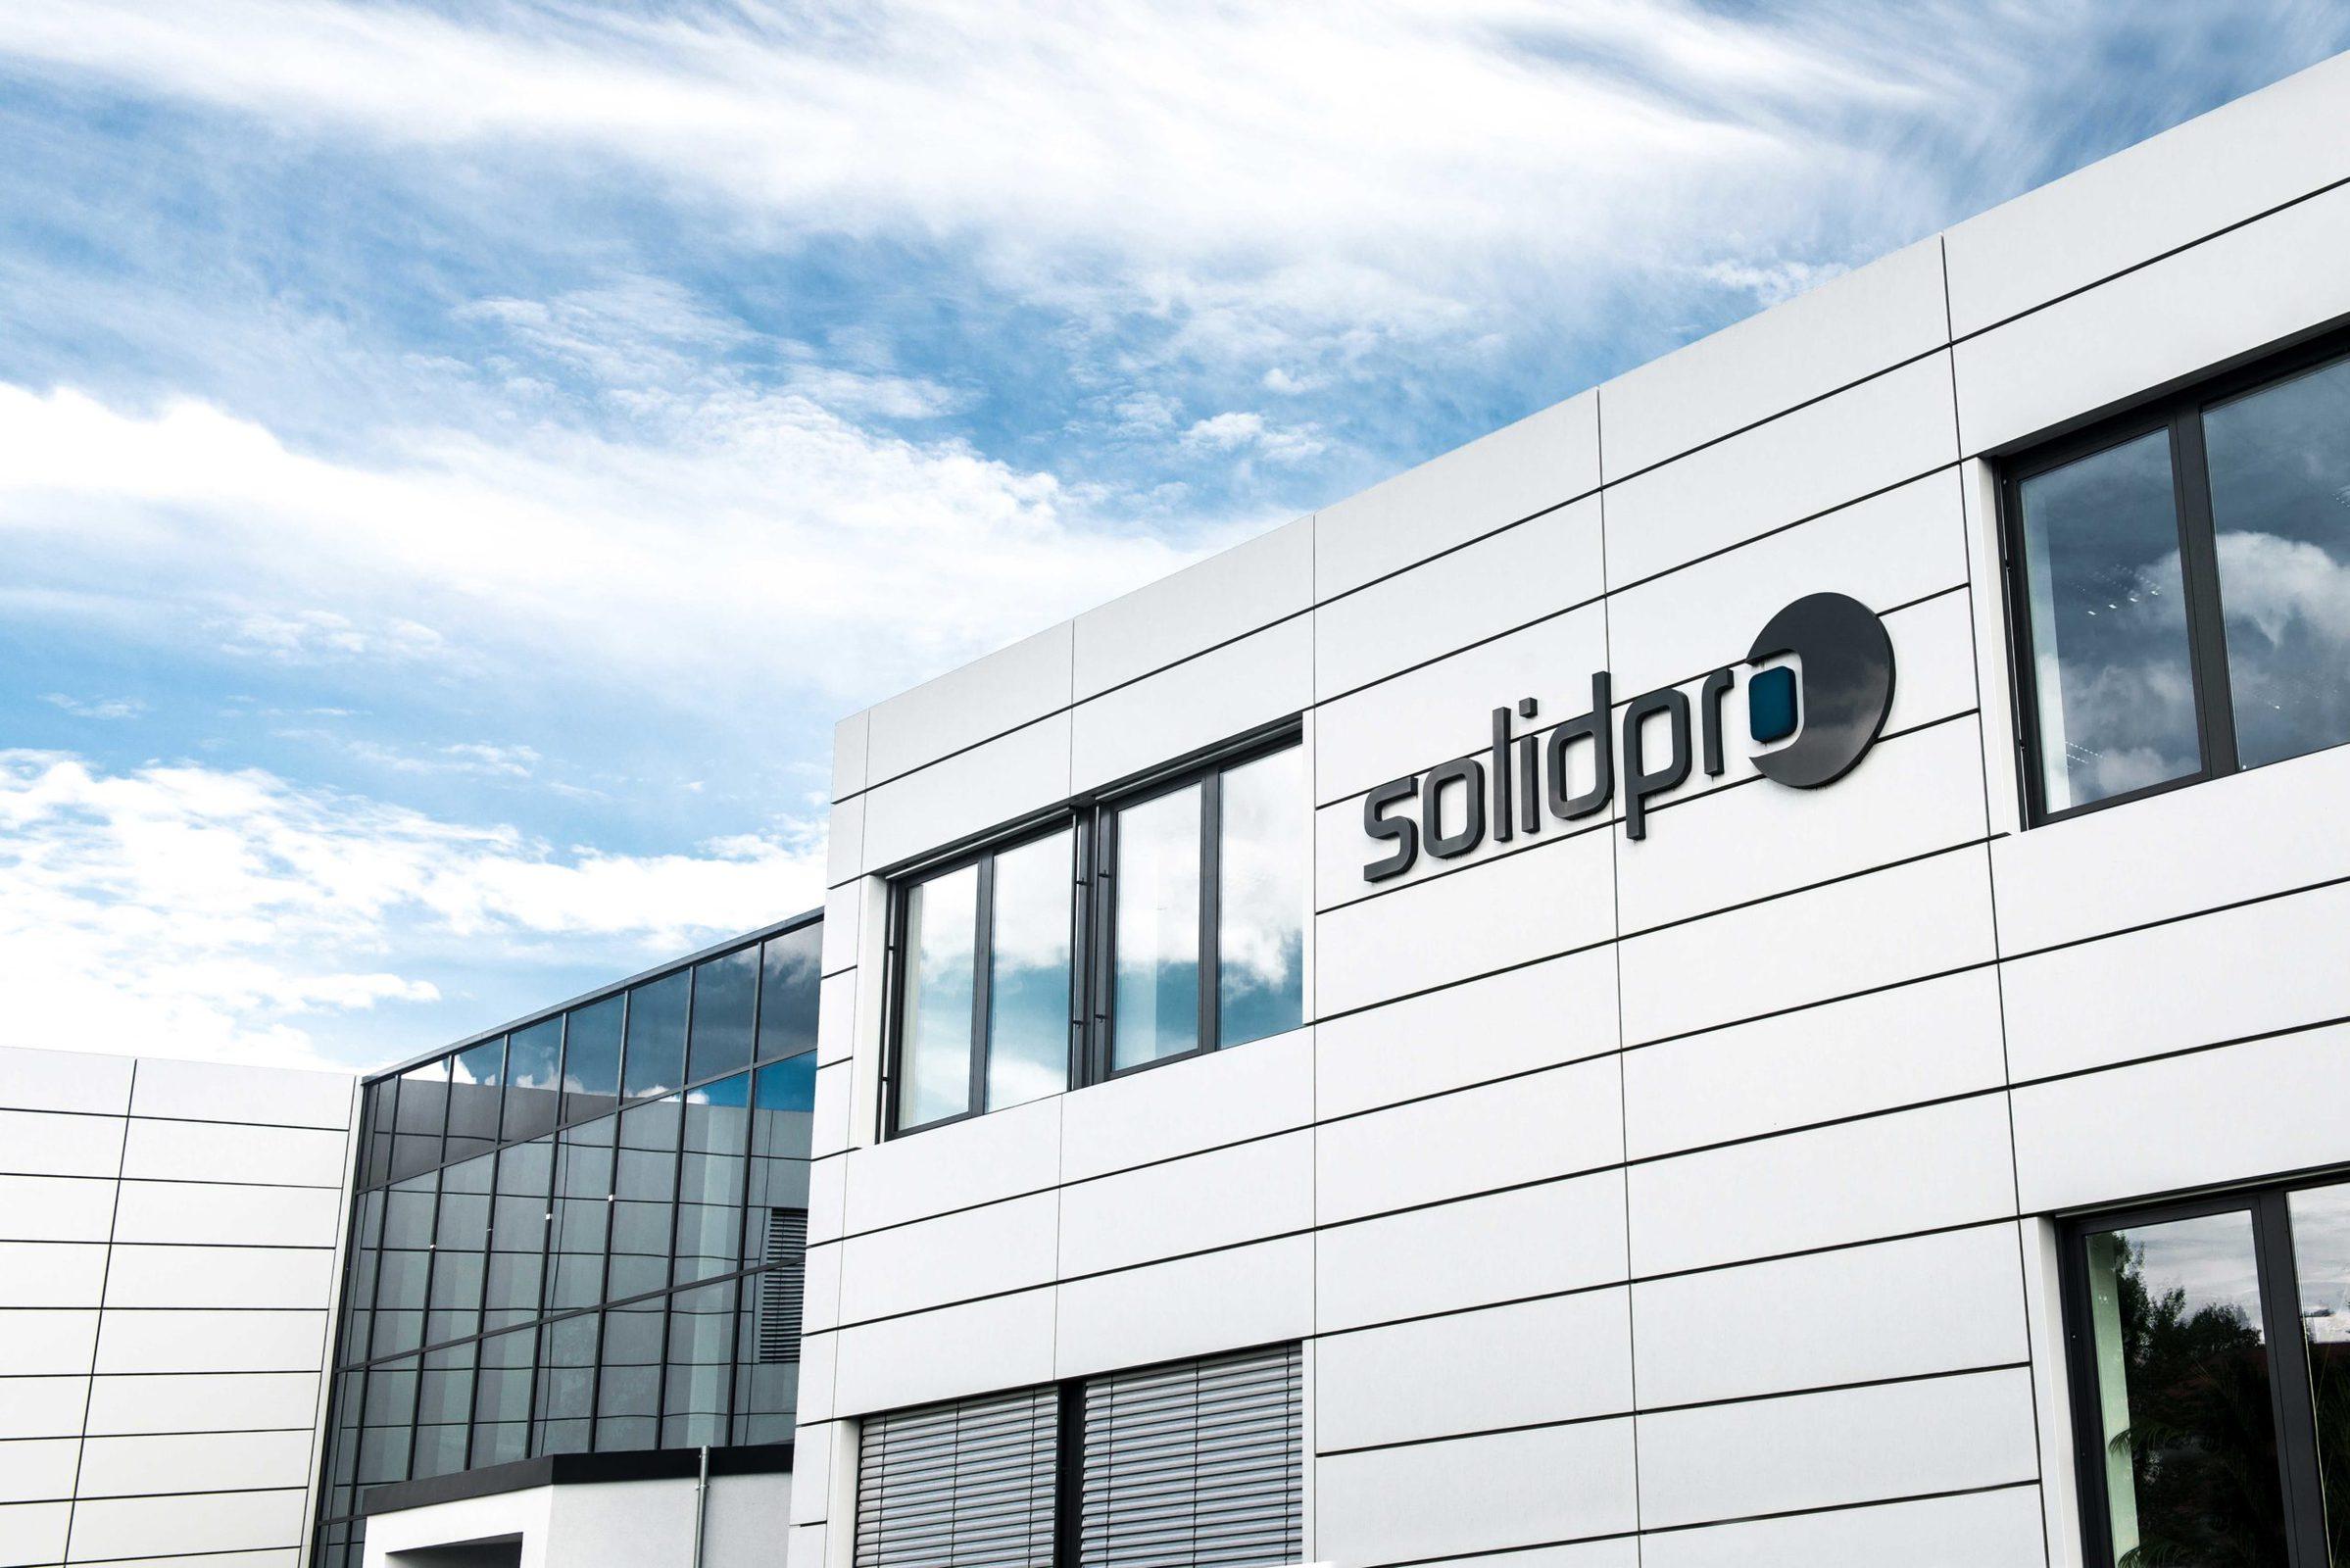 SolidVR - Solidpro Firmengebäude in Langenau